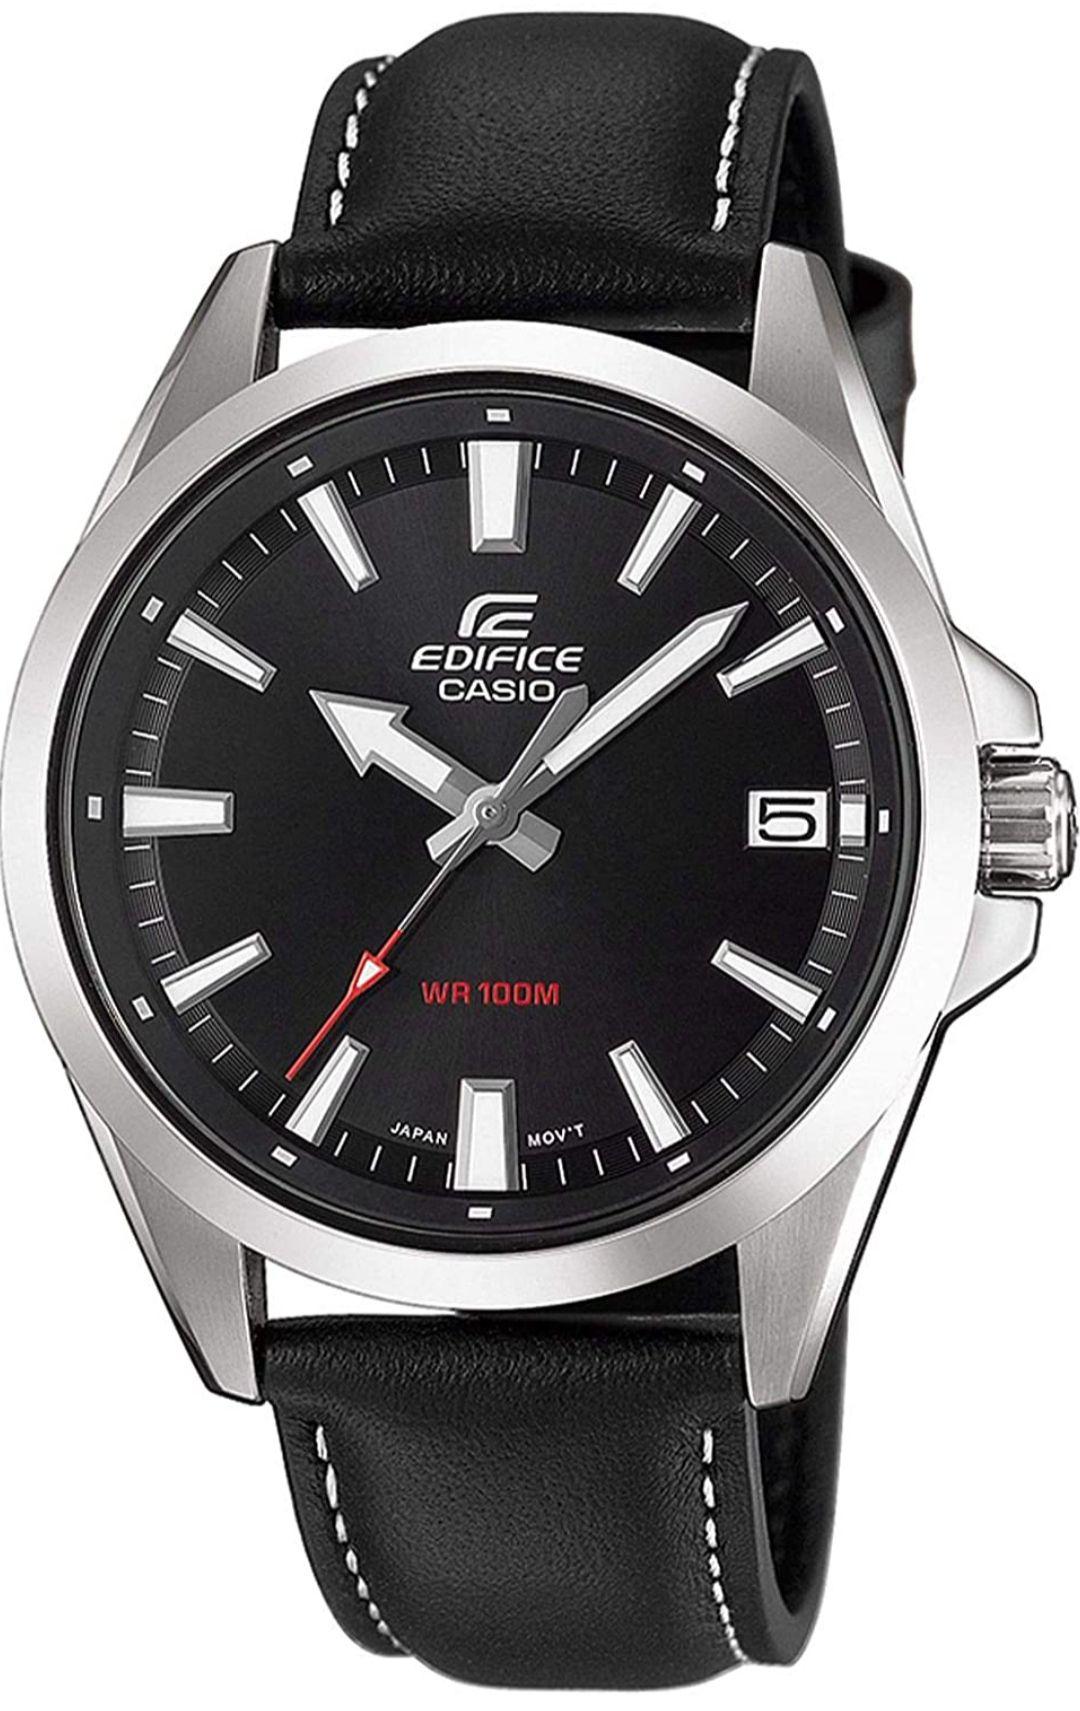 Montre quartz Casio Edifice EFV-100L-1AVUEF pour Homme - Bracelet en Cuir Véritable